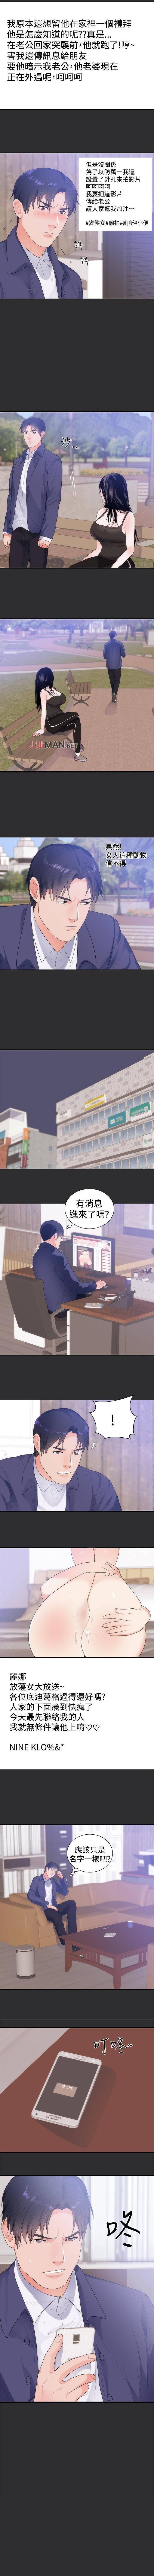 【已完结】性癖好(作者:主寧 & 洗髮精) 第1~30话 49